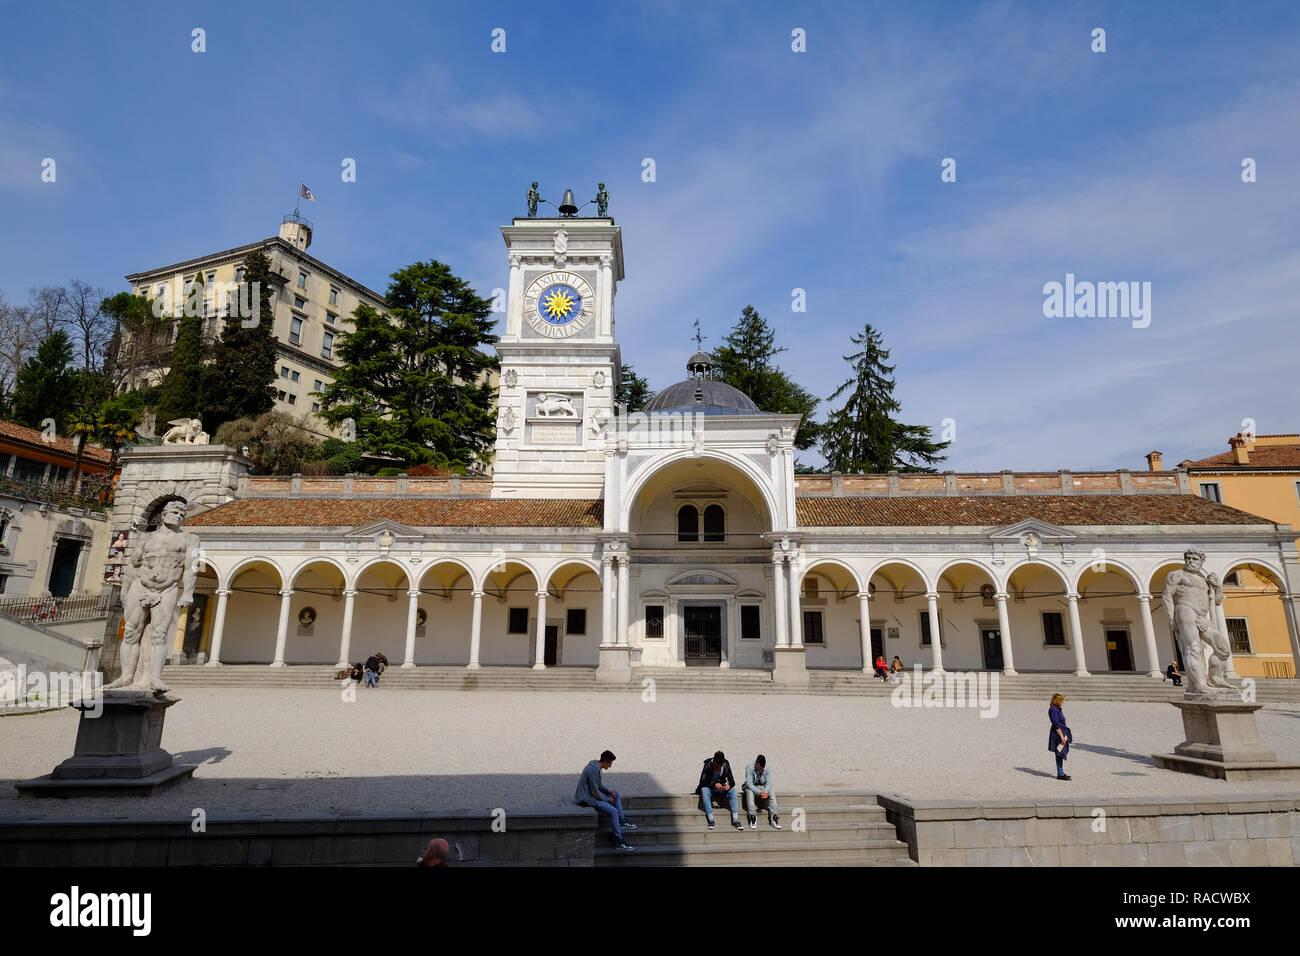 Loggia di San Giovanni and the Clock Tower, Piazza della Liberta, Udine, Friuli Venezia Giulia, Italy, Europe - Stock Image